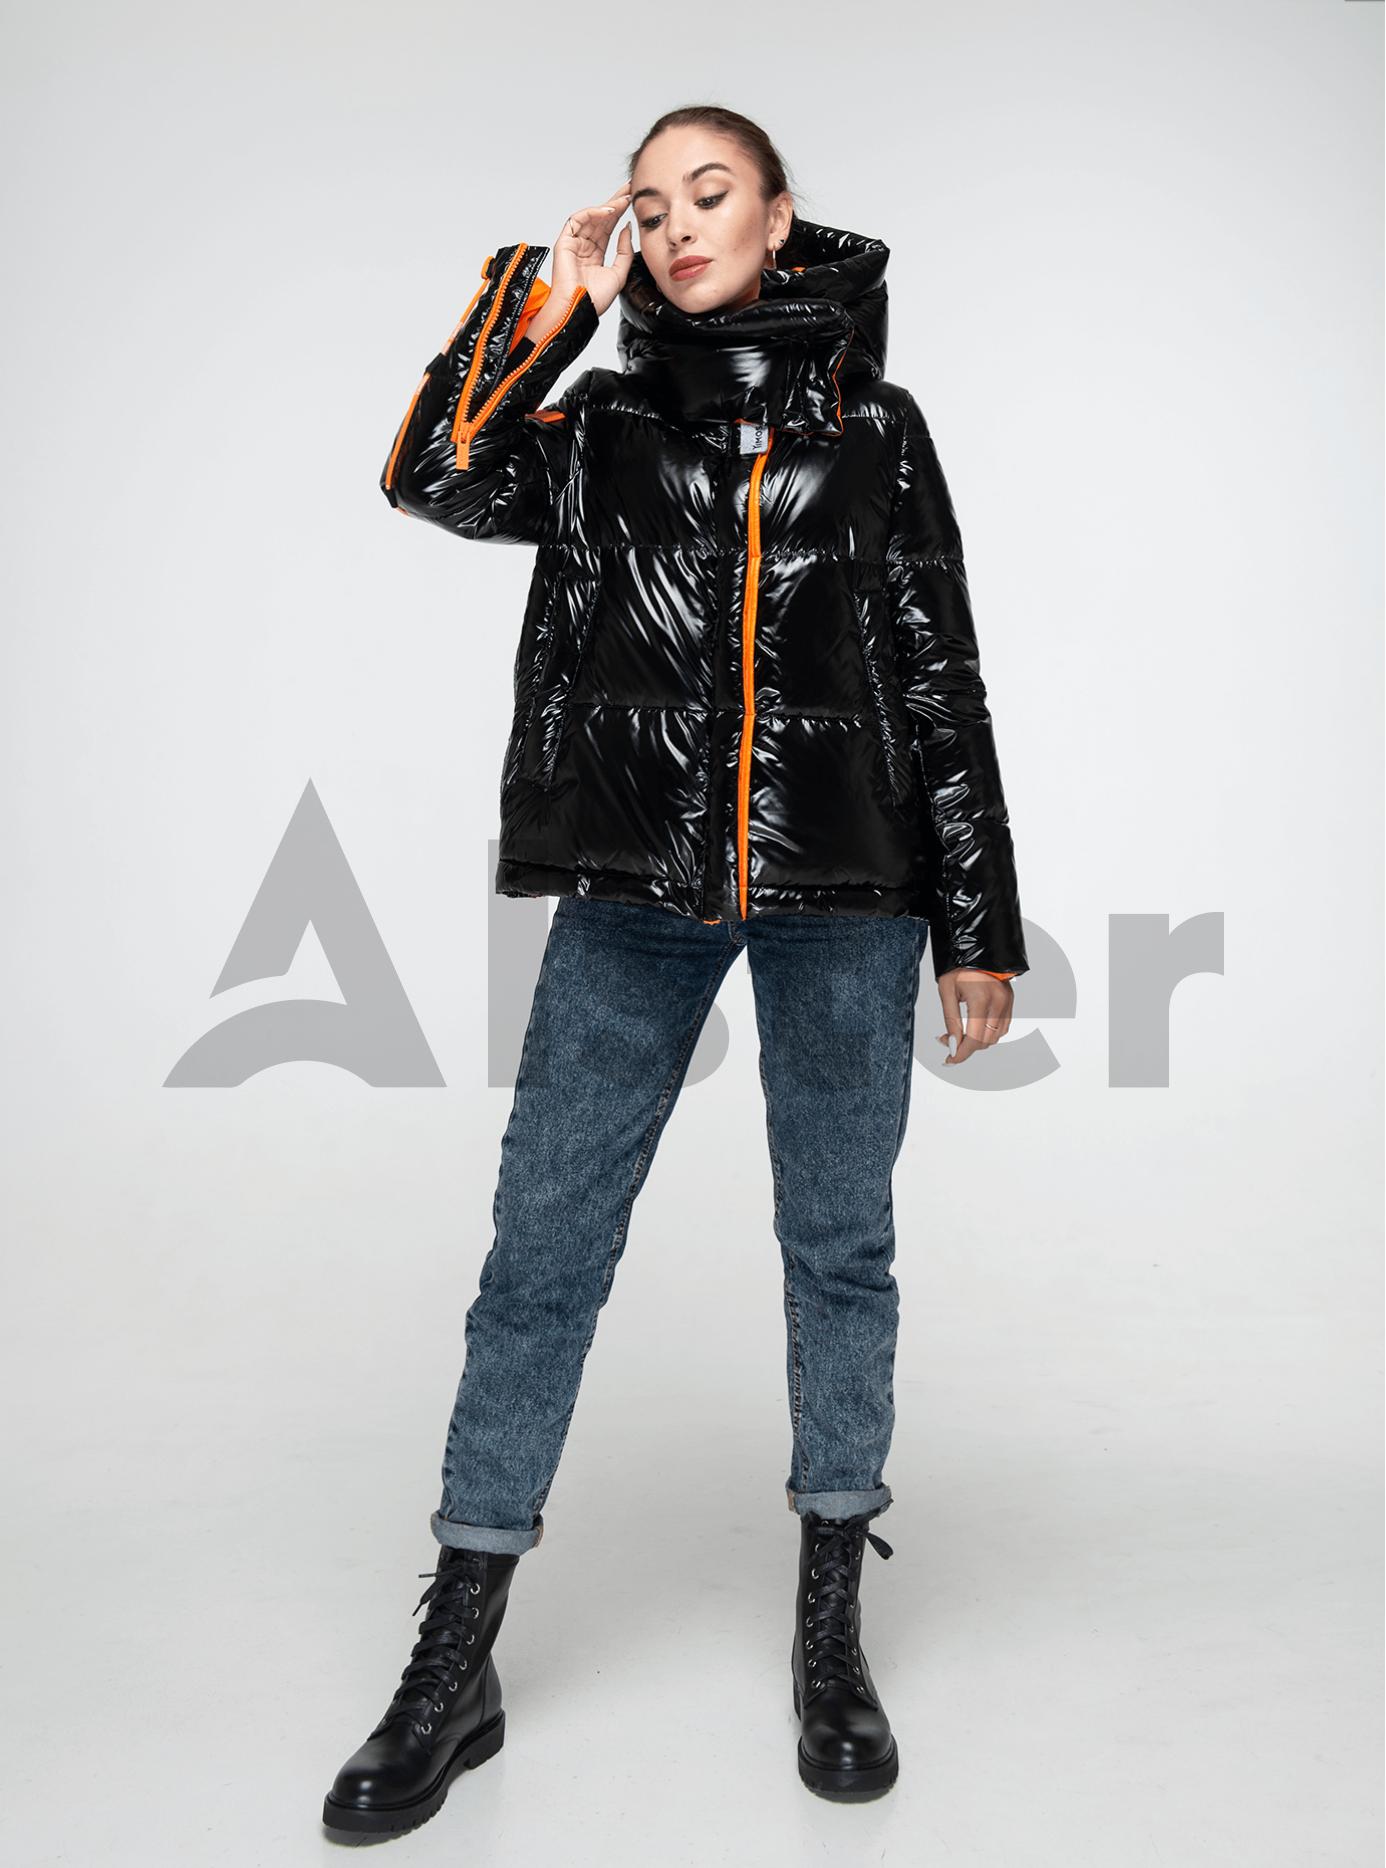 Пуховик женский короткий на молнии Чёрный M (02-Y191134): фото - Alster.ua